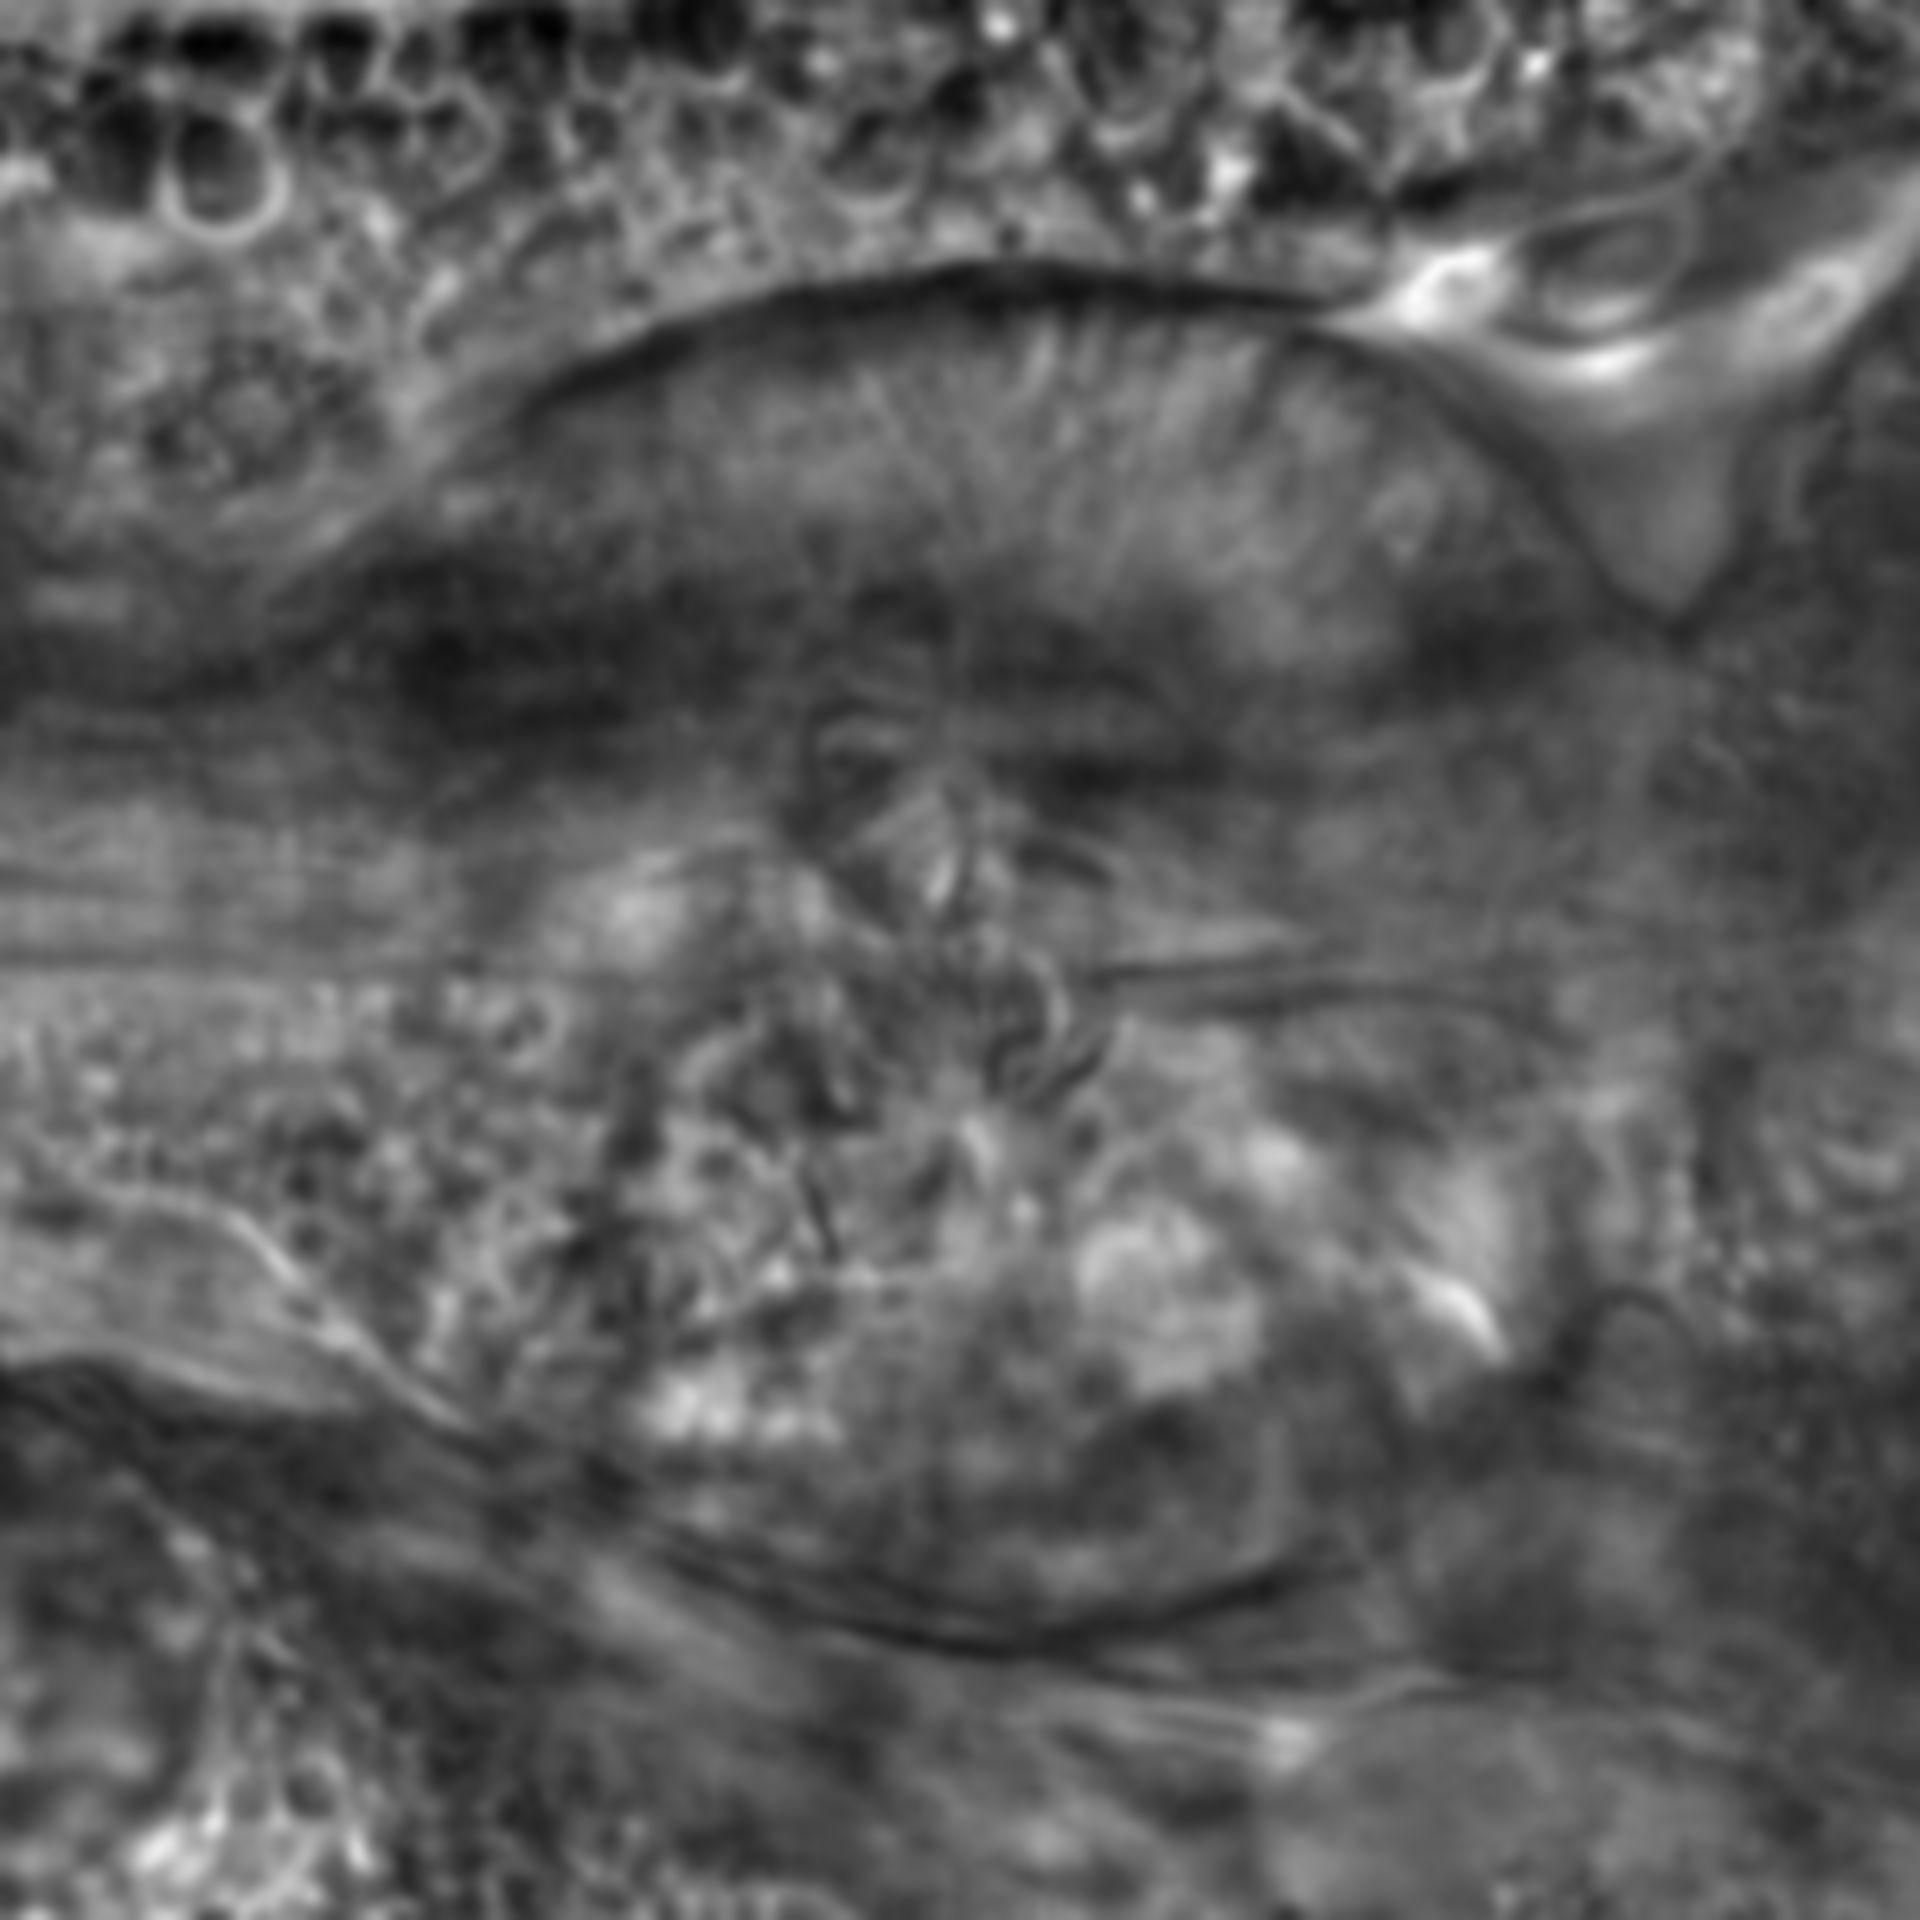 Caenorhabditis elegans - CIL:2132